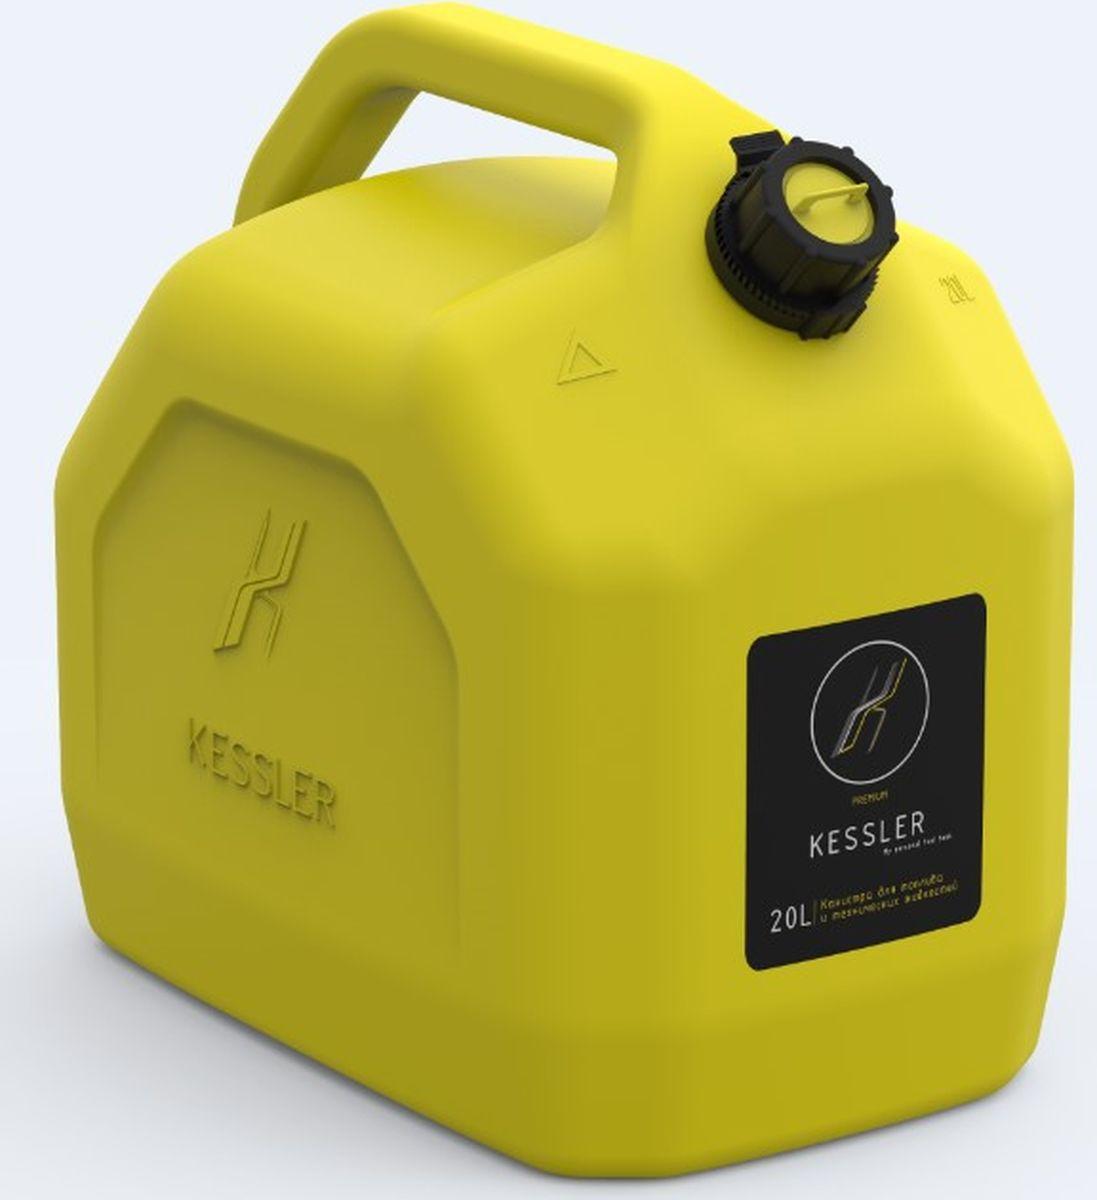 Канистра для топлива Kessler Oktan Premium, 20 л канистра пластиковая для гсм 10л 62 4 009